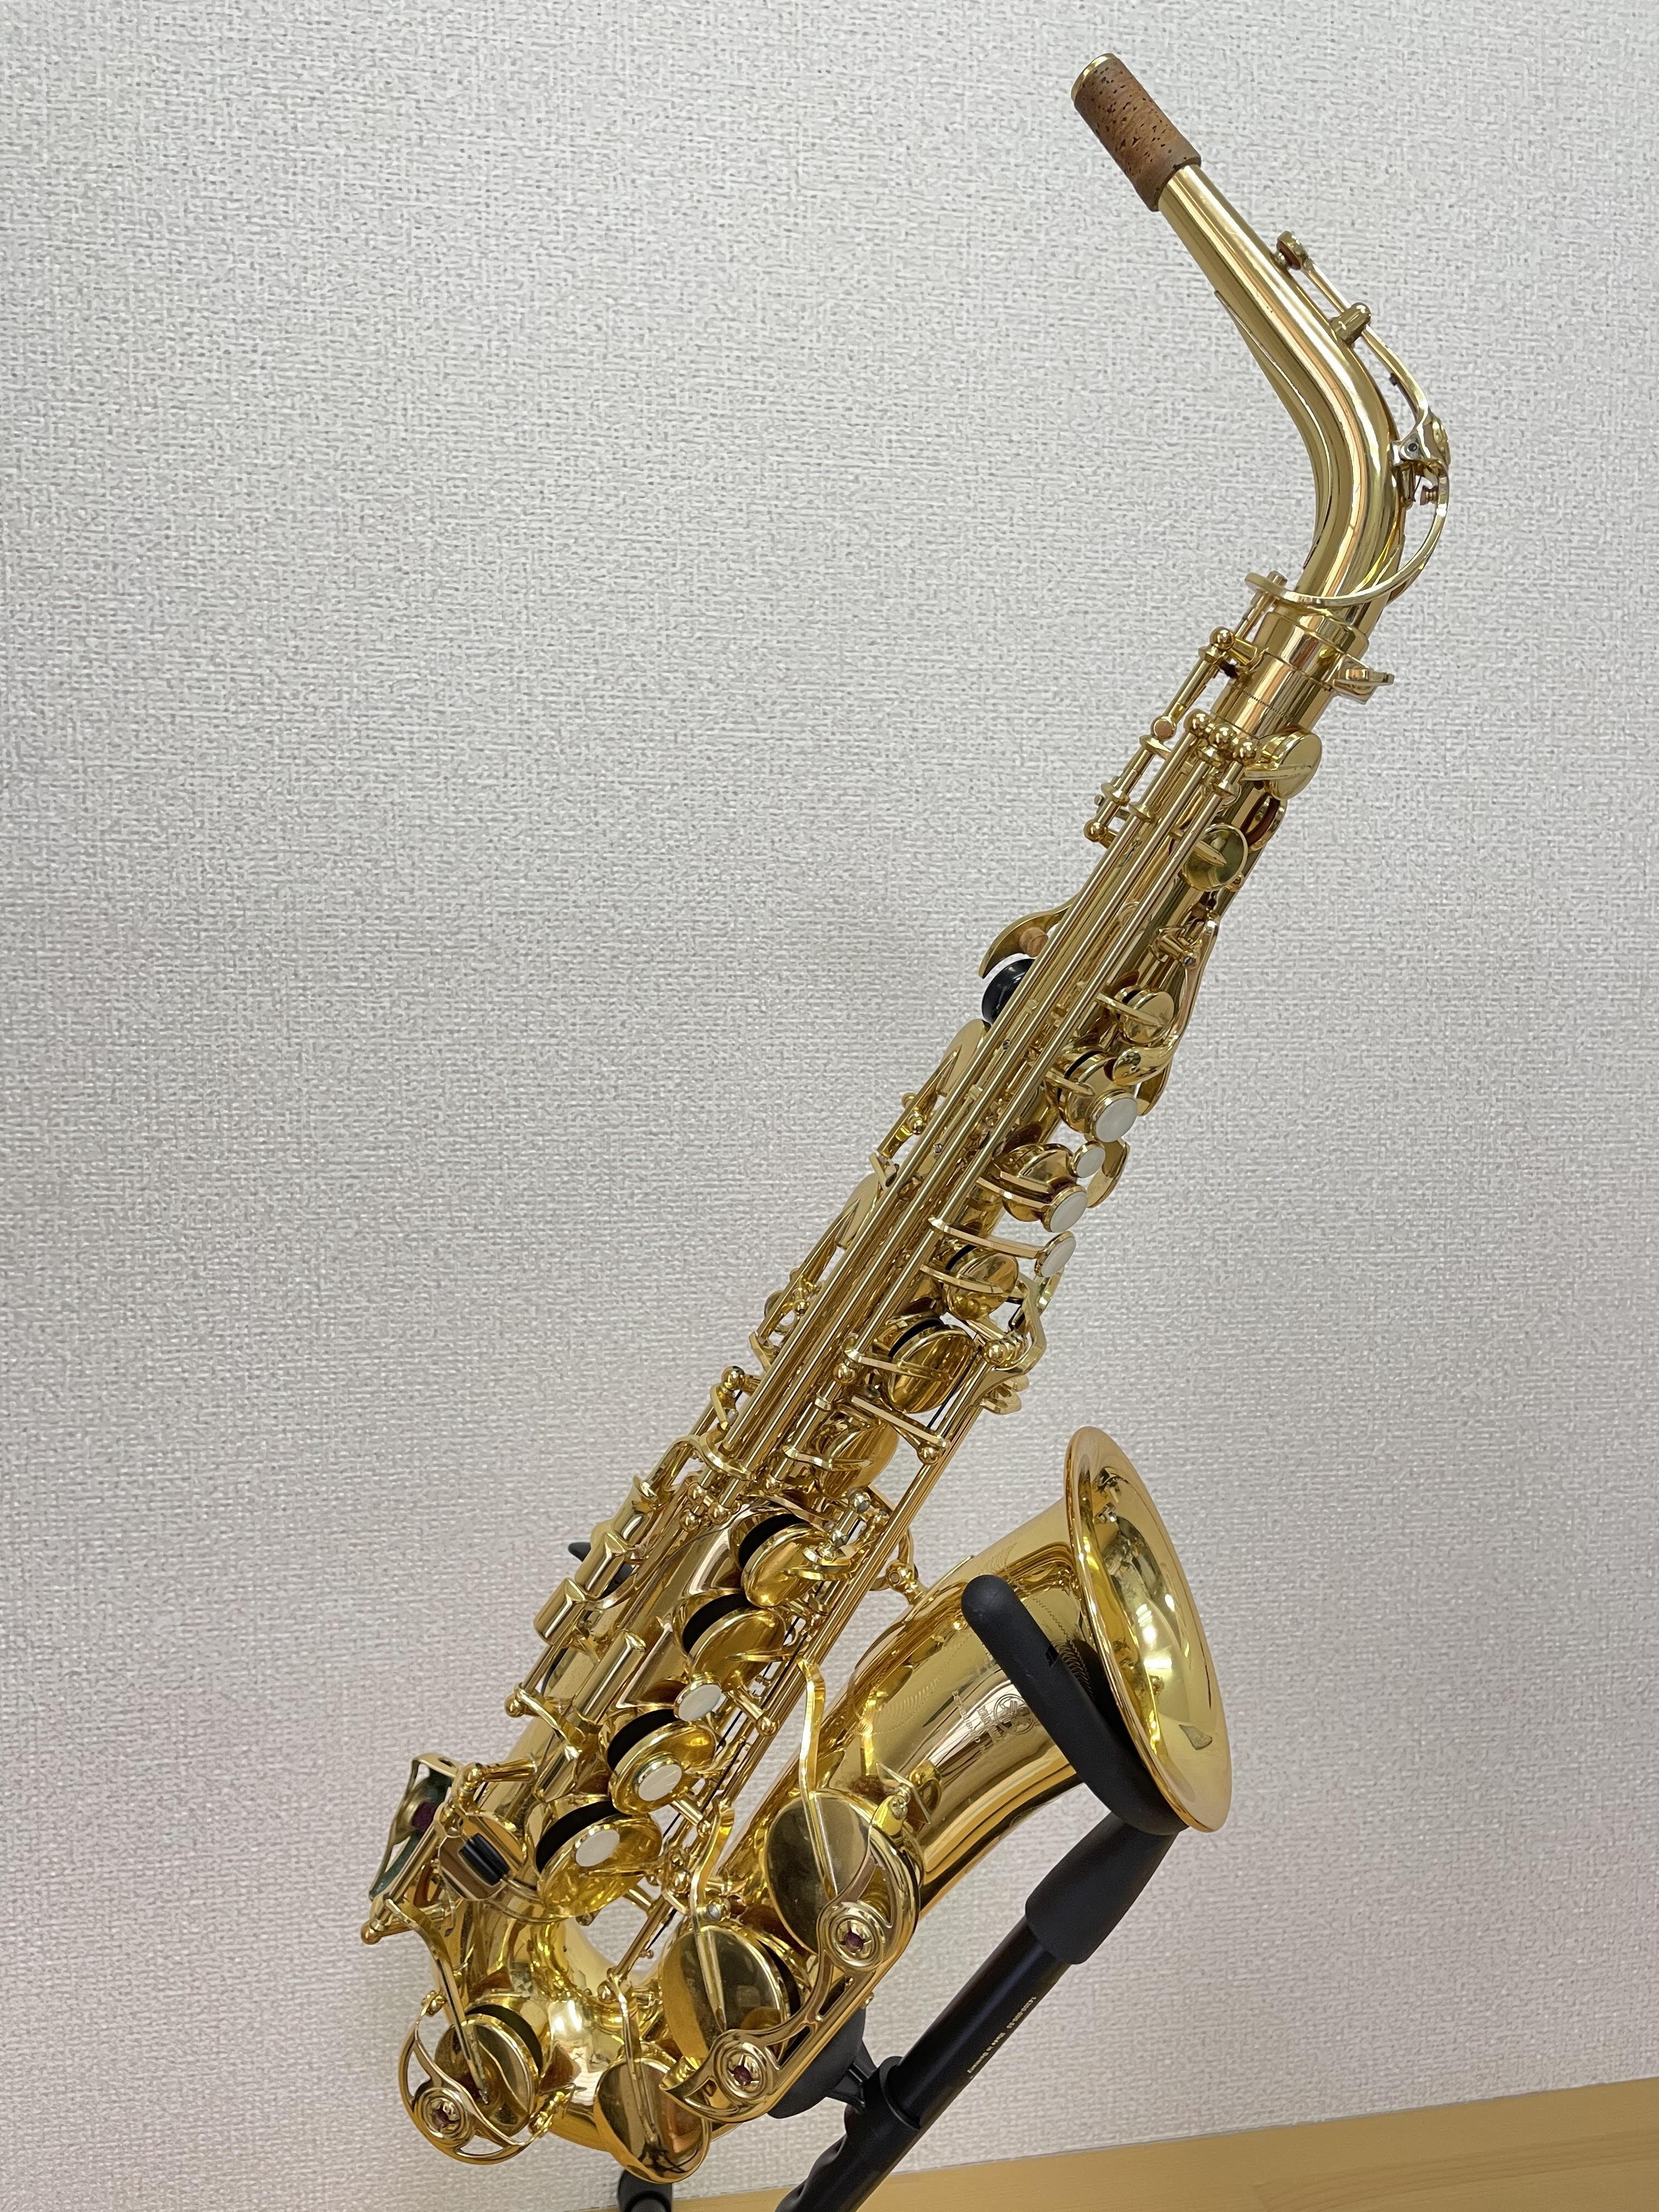 【YAMAHAサックス】【中古楽器】ヤマハ 中古アルトサクソフォン YAS-62 部分タンポ交換、調整済み